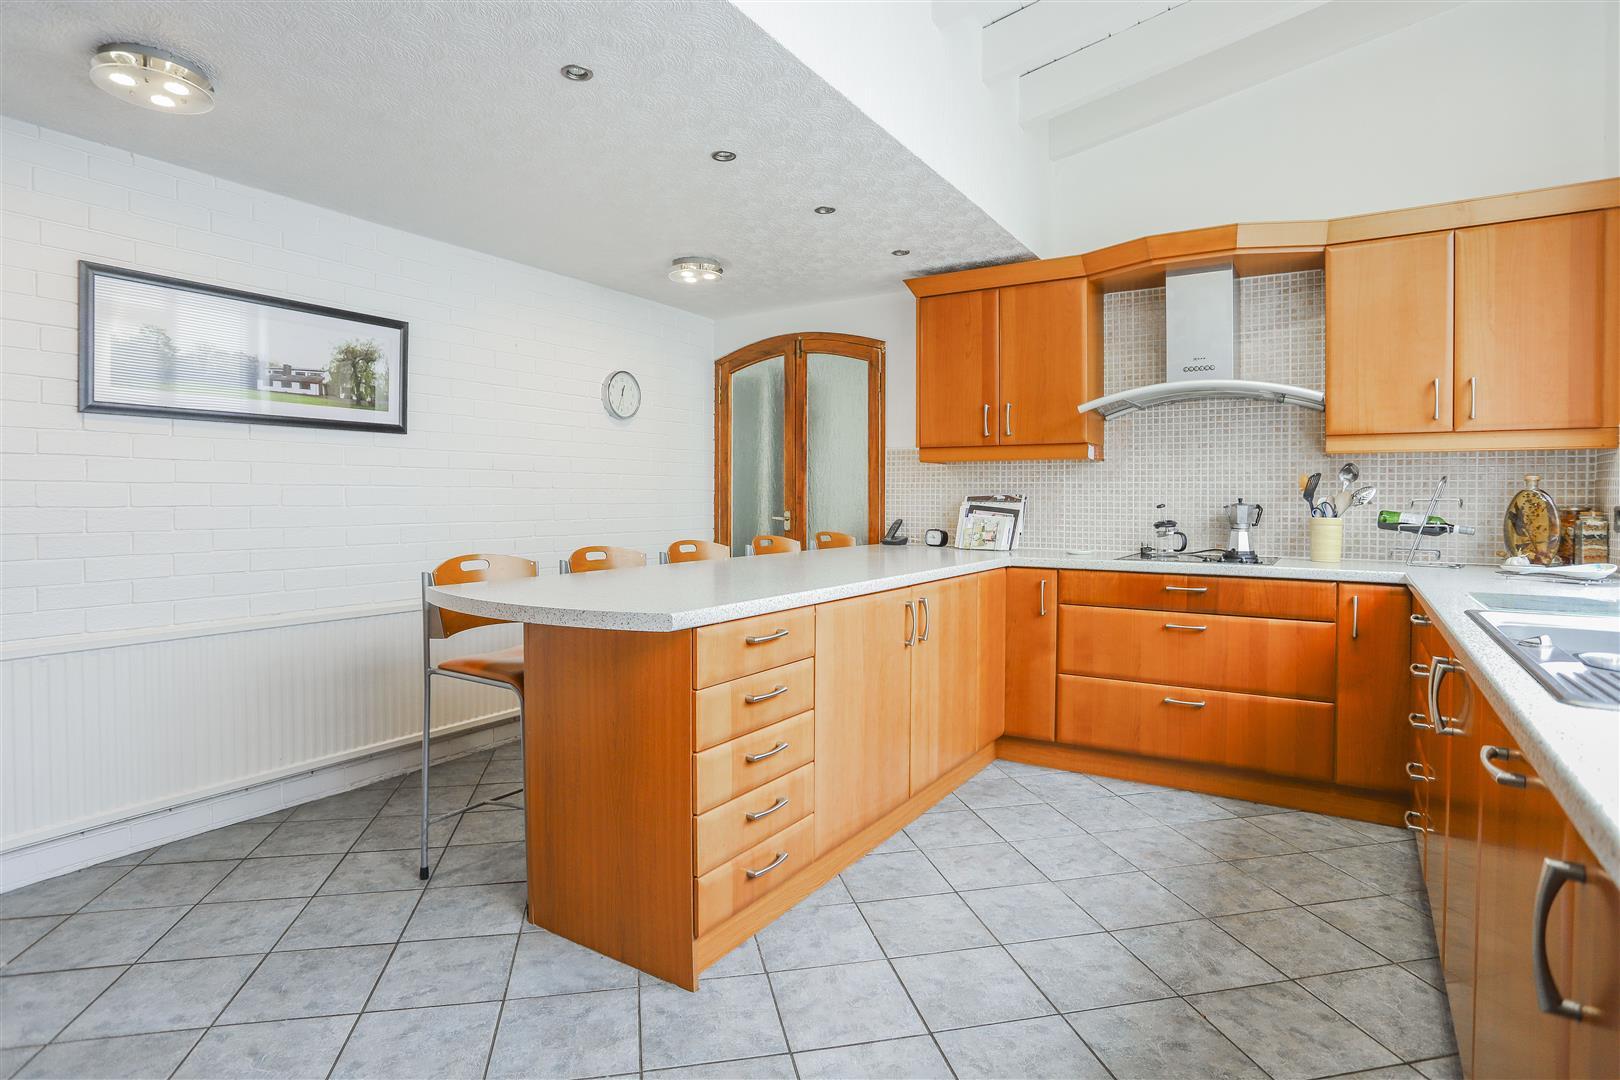 5 Bedroom Farmhouse For Sale - 7.JPG